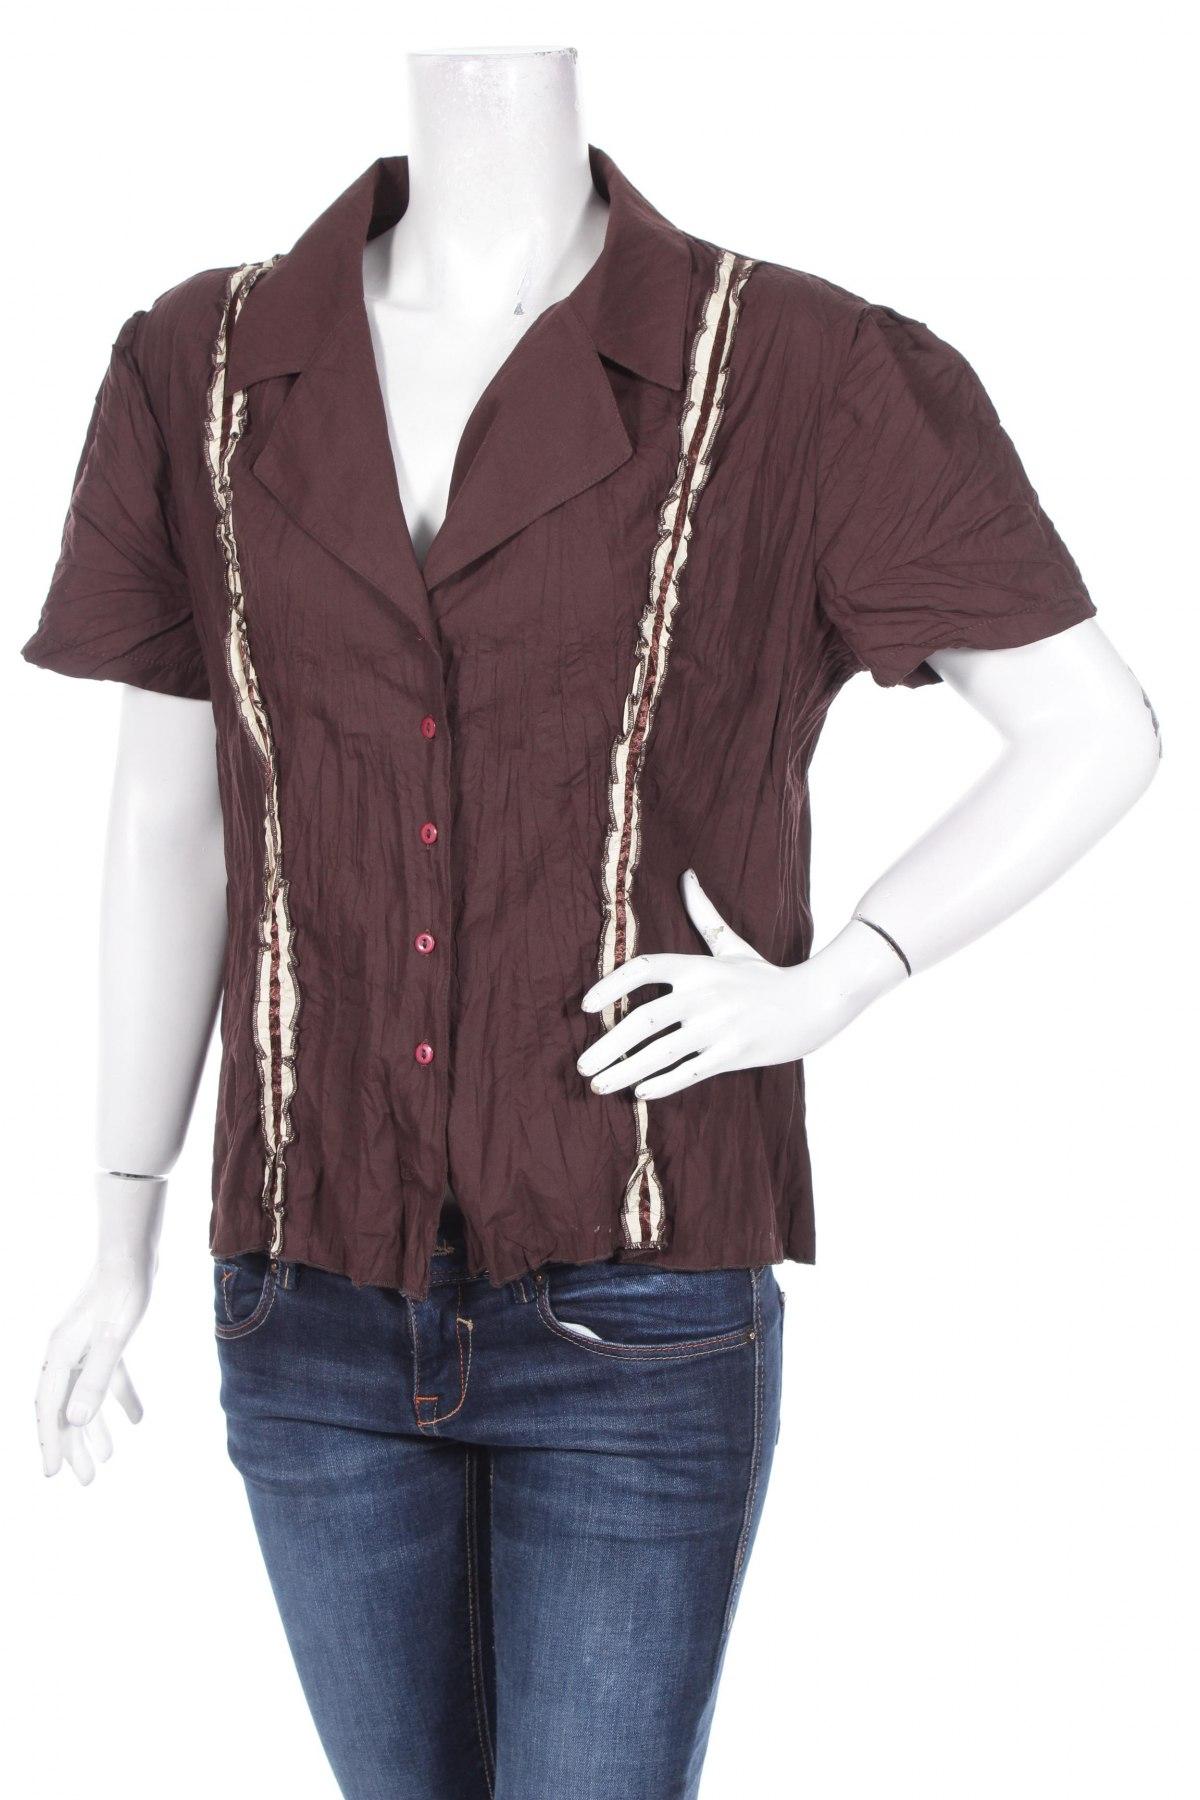 Γυναικείο πουκάμισο Falabella, Μέγεθος L, Χρώμα Καφέ, Τιμή 8,66€